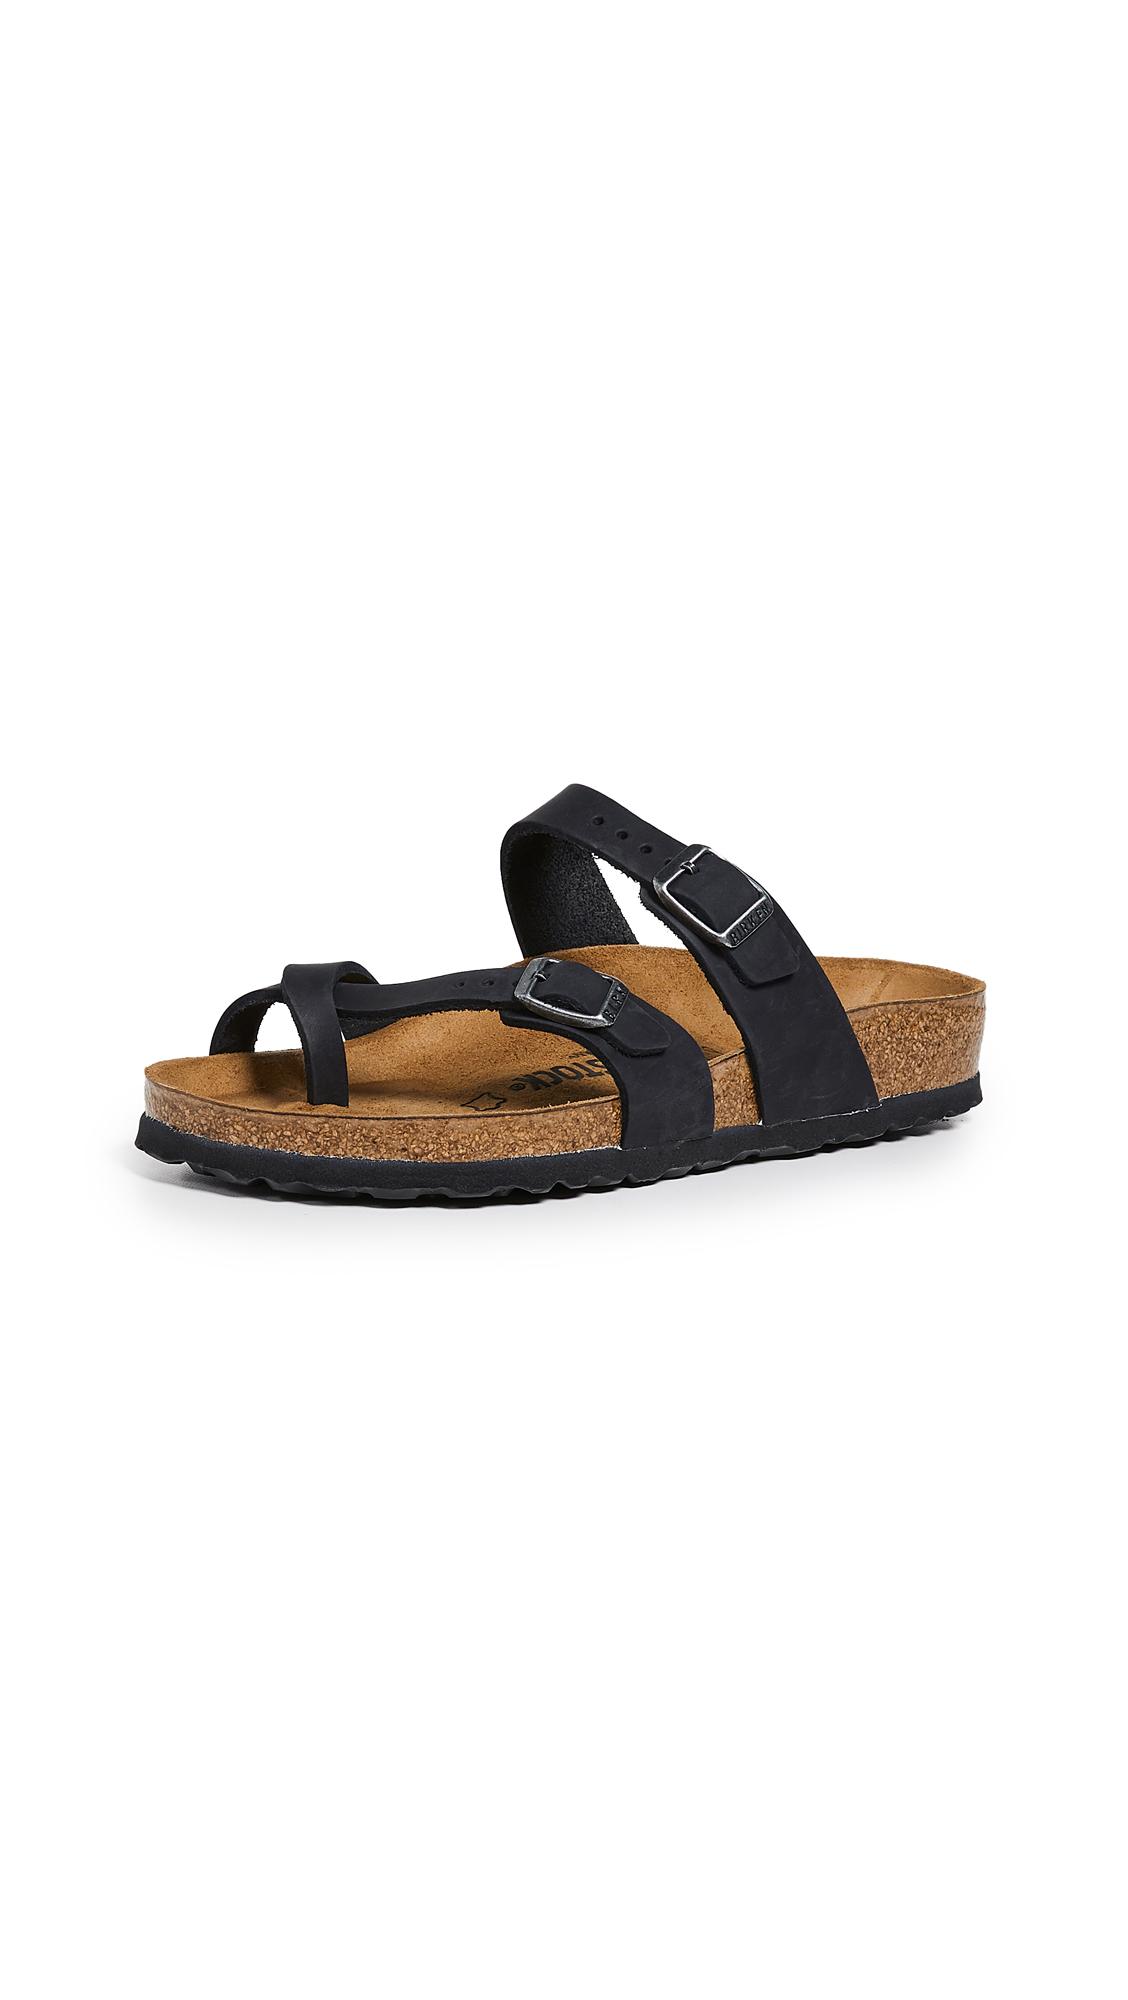 Buy Birkenstock online - photo of Birkenstock Mayari Sandals